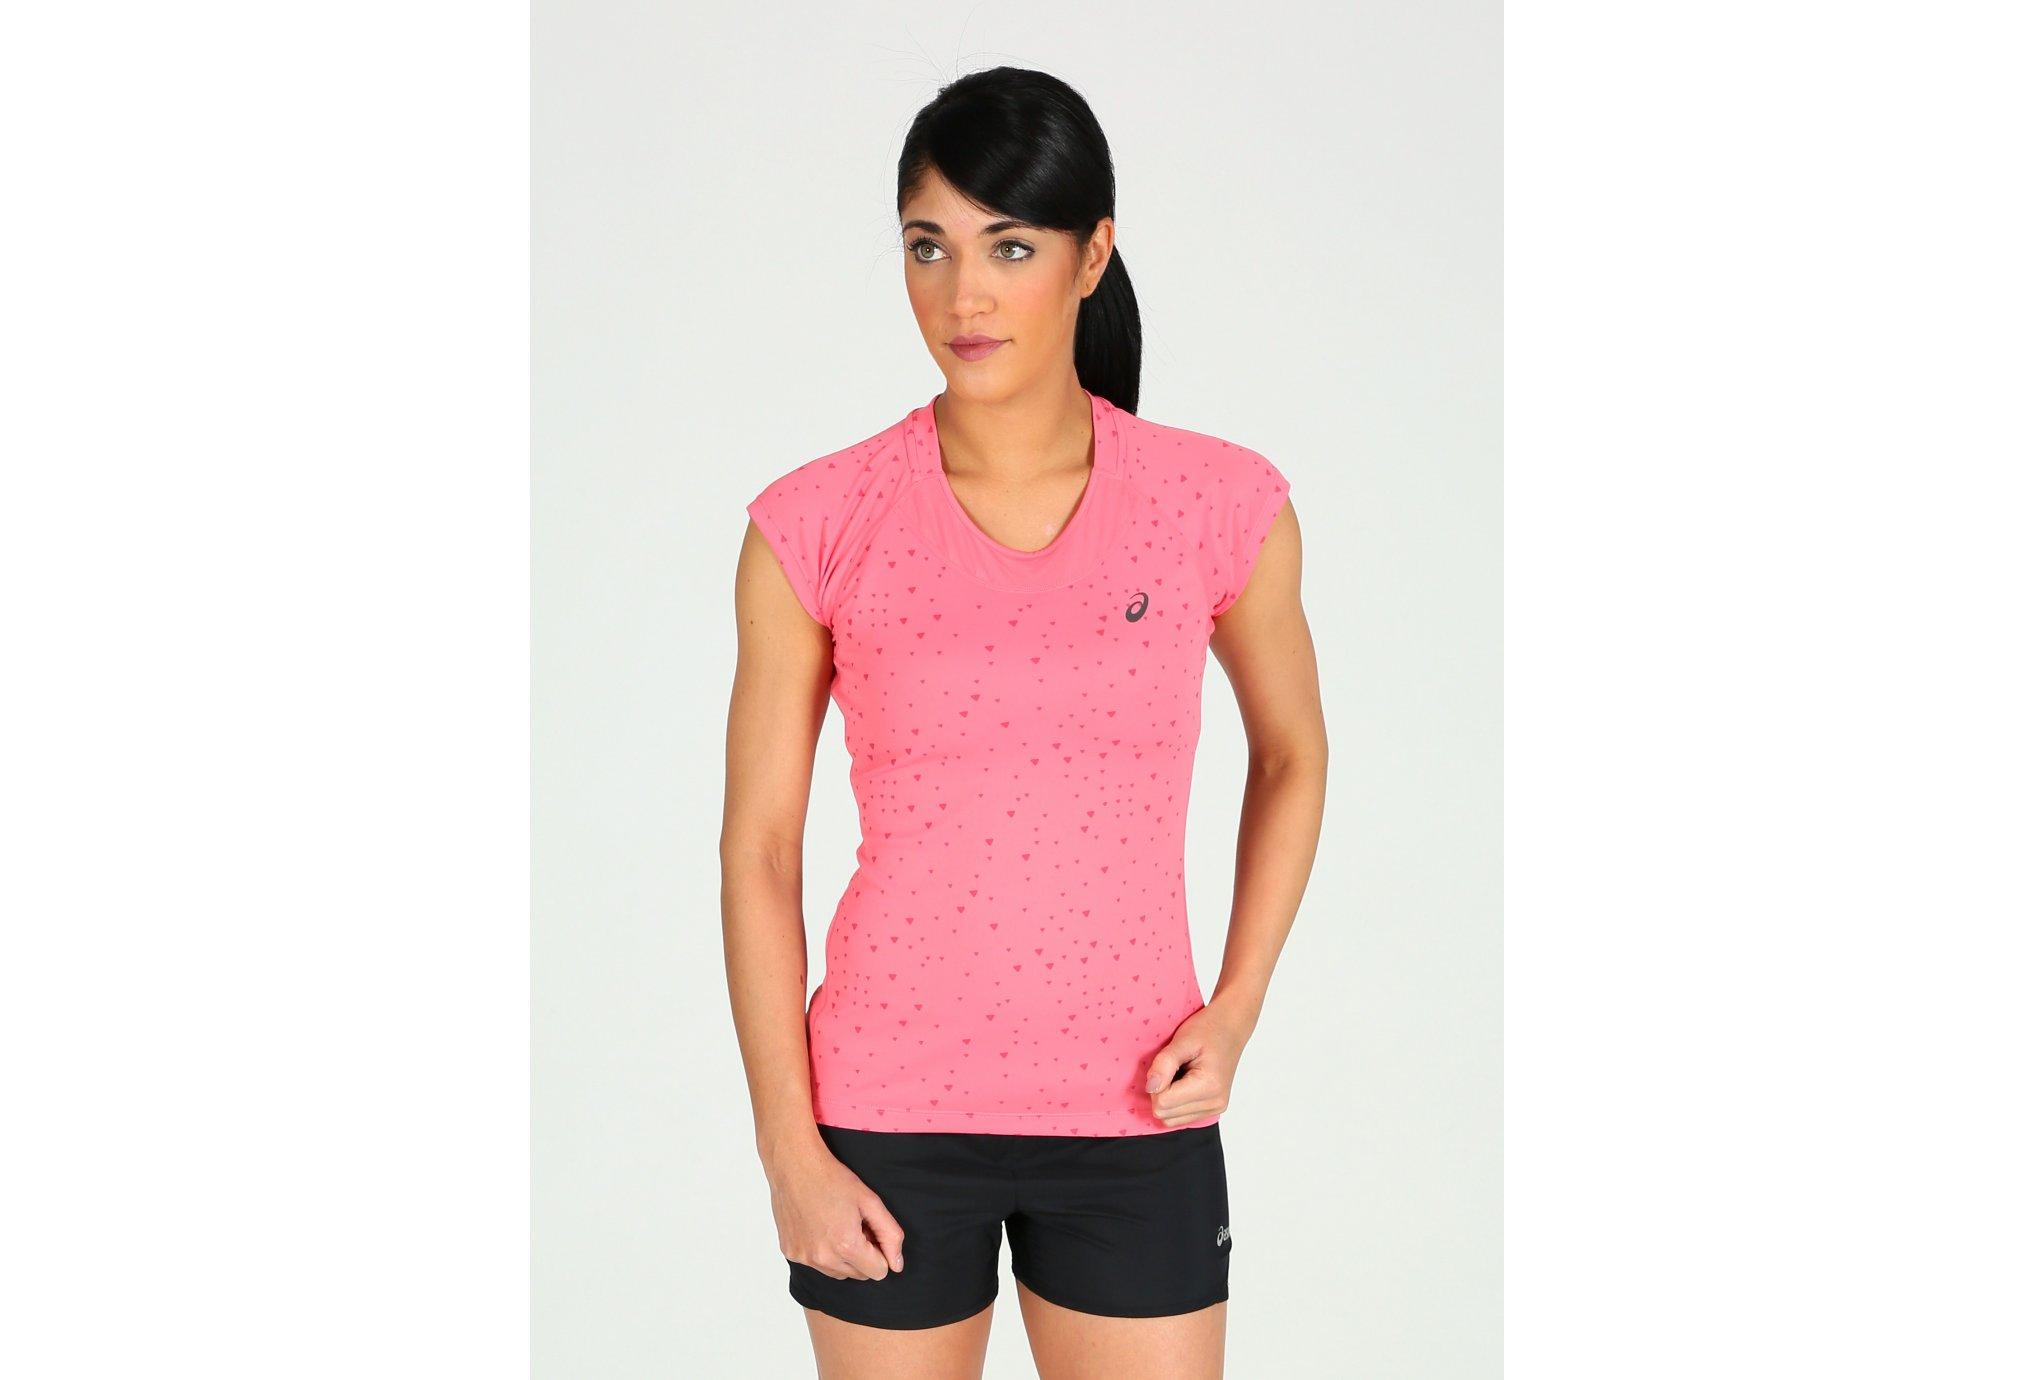 Asics Tee-shirt CapSleeve W vêtement running femme